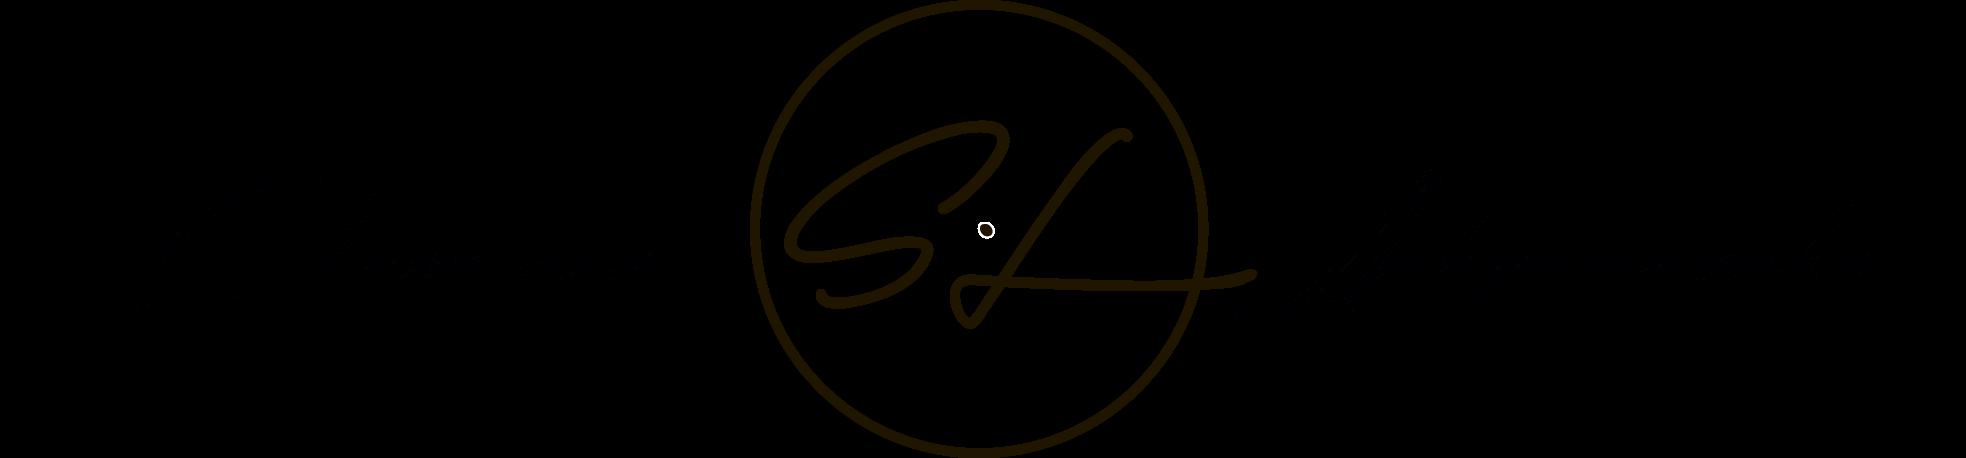 Официальная страница поэта Светланы Лаврентьевой - Кот Басё. На сайте можно почитать стихи, купить книги, а также посмотреть фото, видео и послушать аудио.